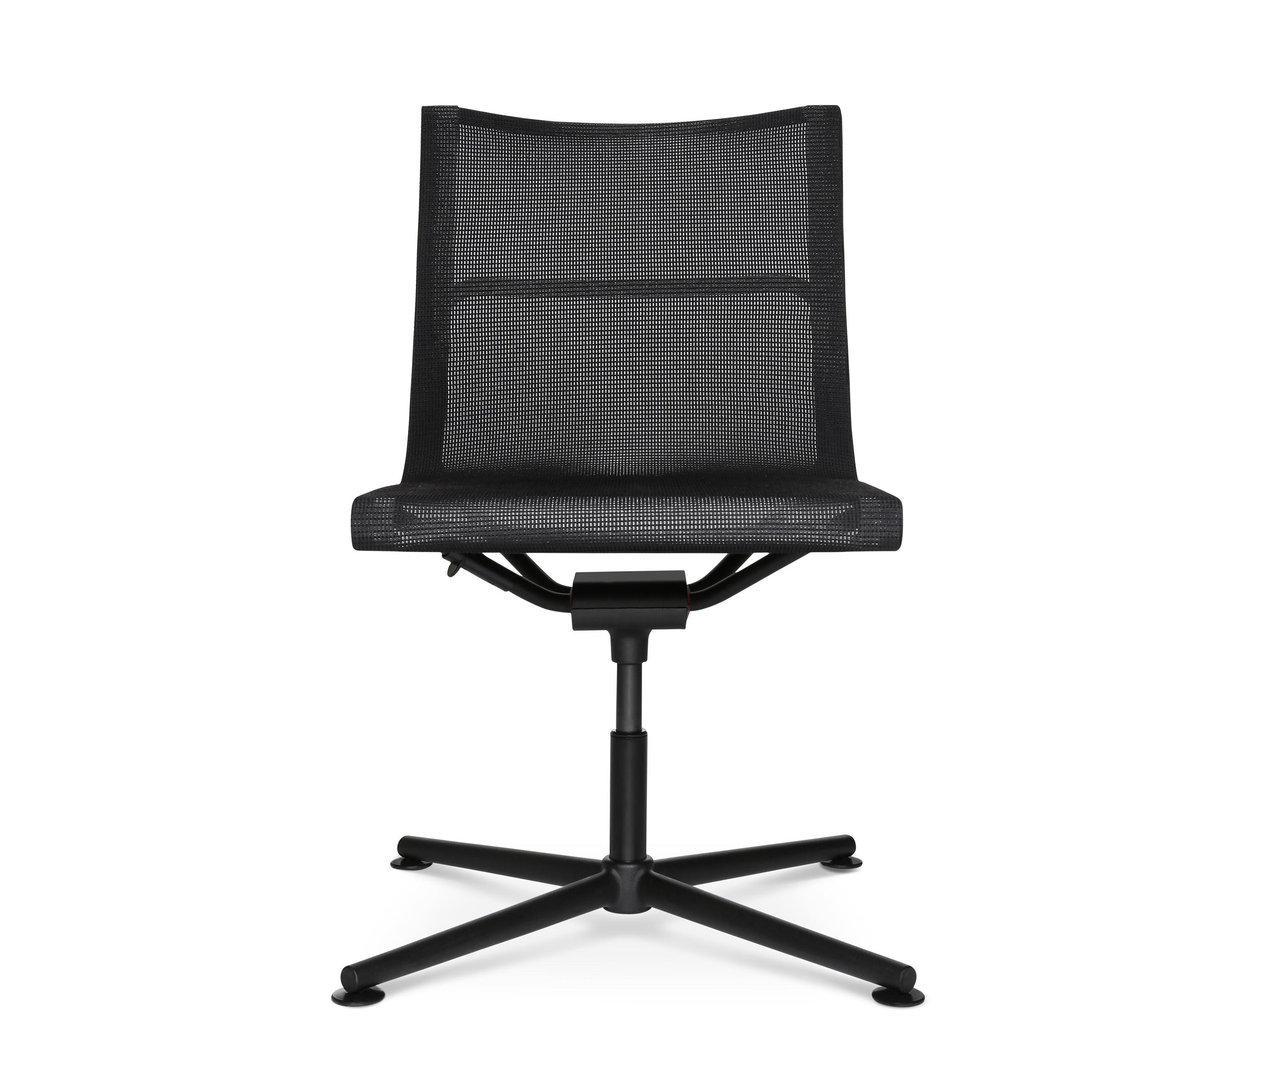 Wagner D1 Office Chair Drehstuhl Günstig Online Kaufen Buerado